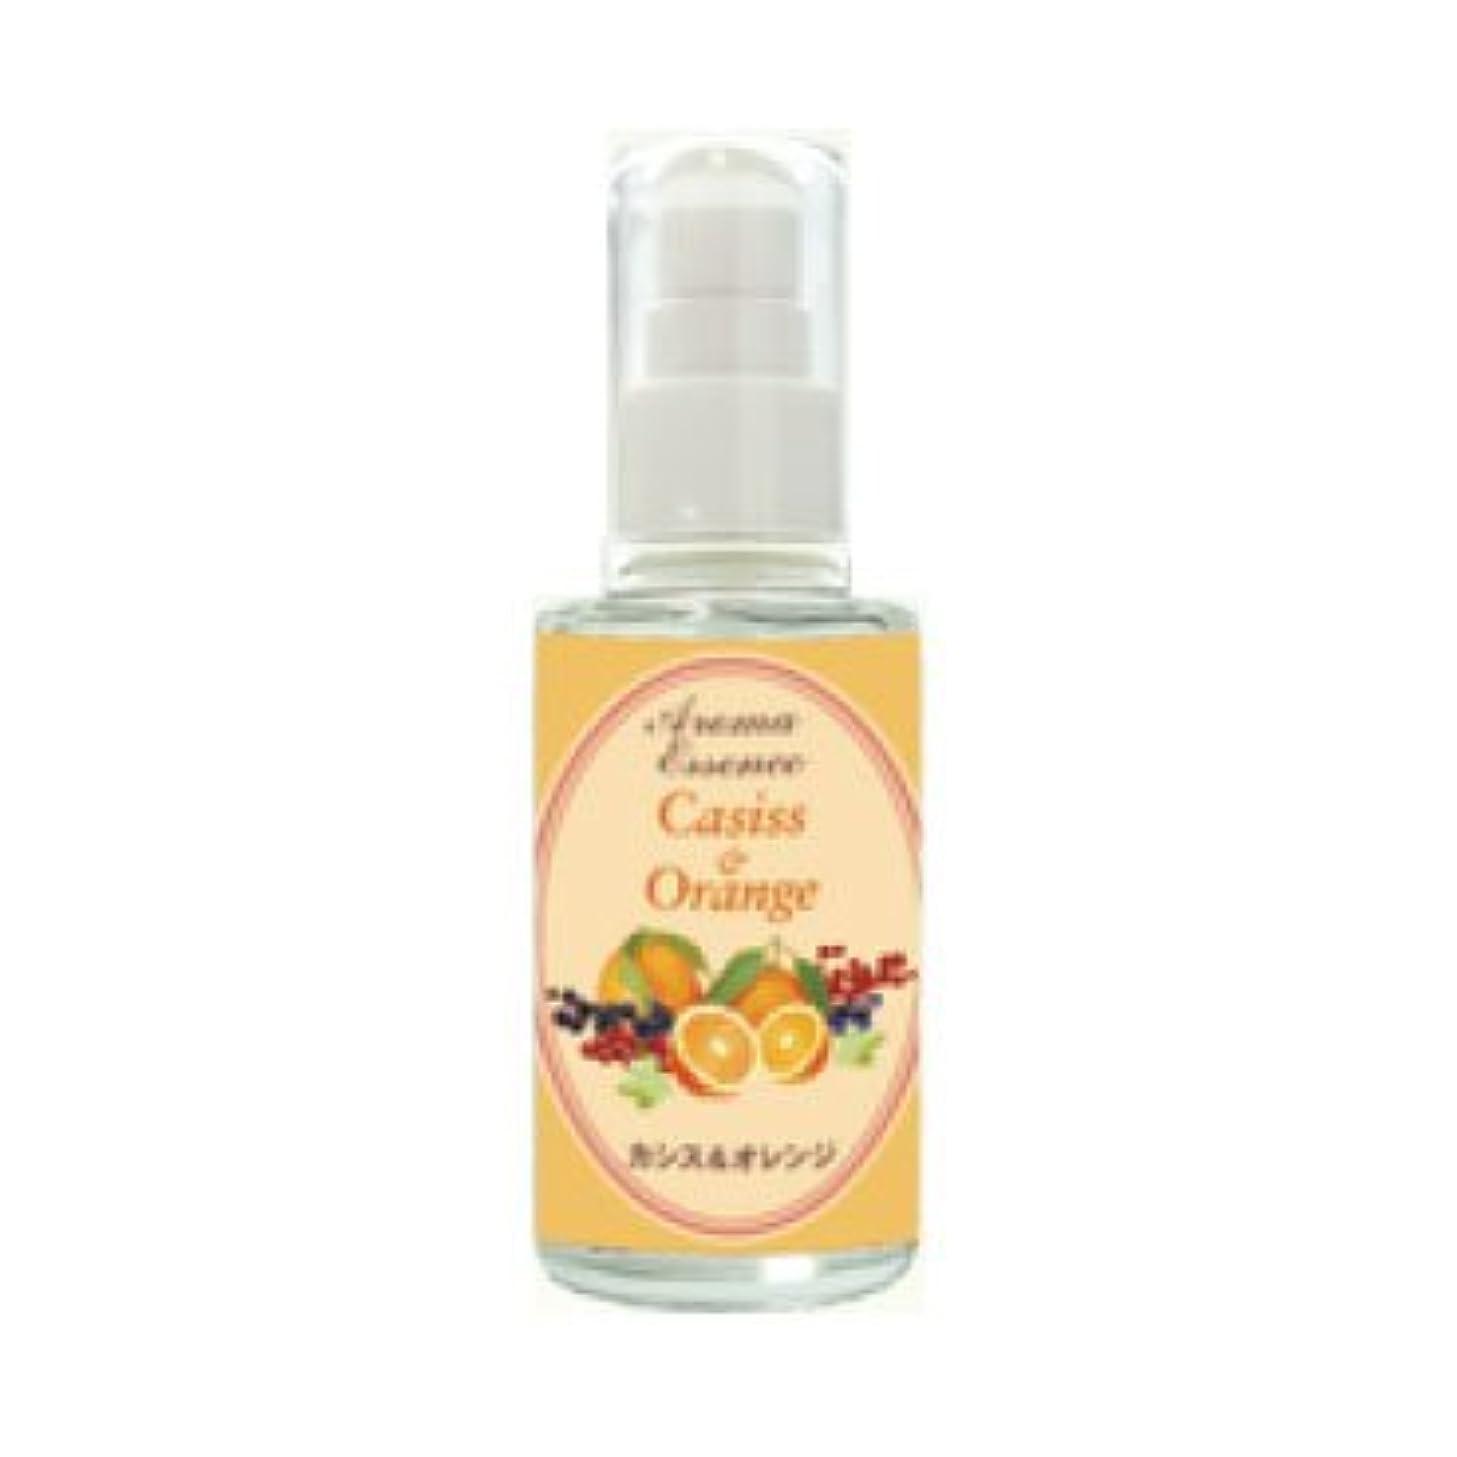 Aroma Essence アロマエッセンス フルーツ系 09 カシス&オレンジ 50ml